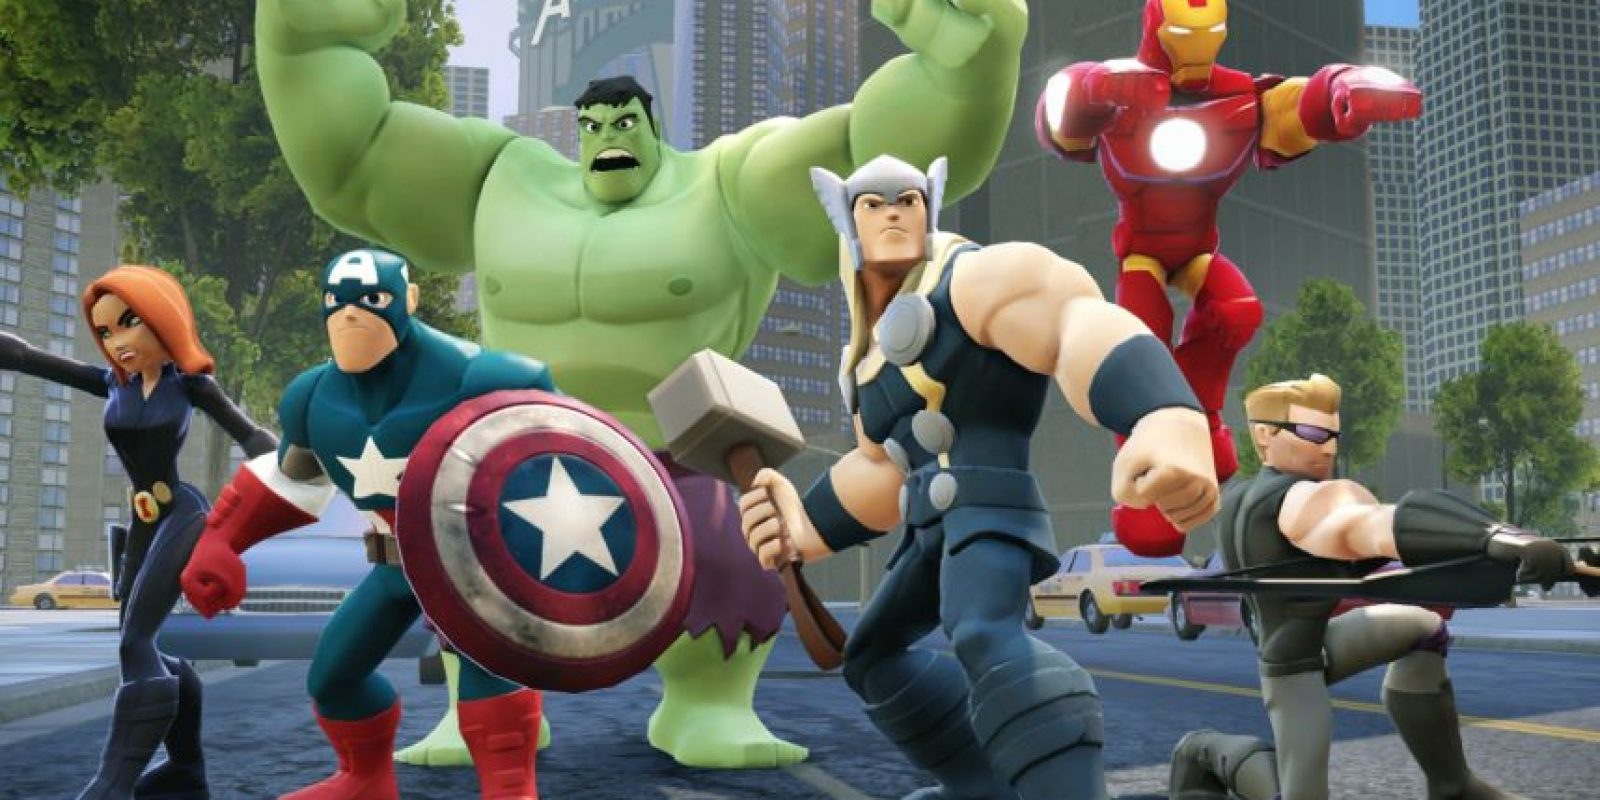 Los personajes de los Avengers son la atracción Foto:Disney Infinity 2.0